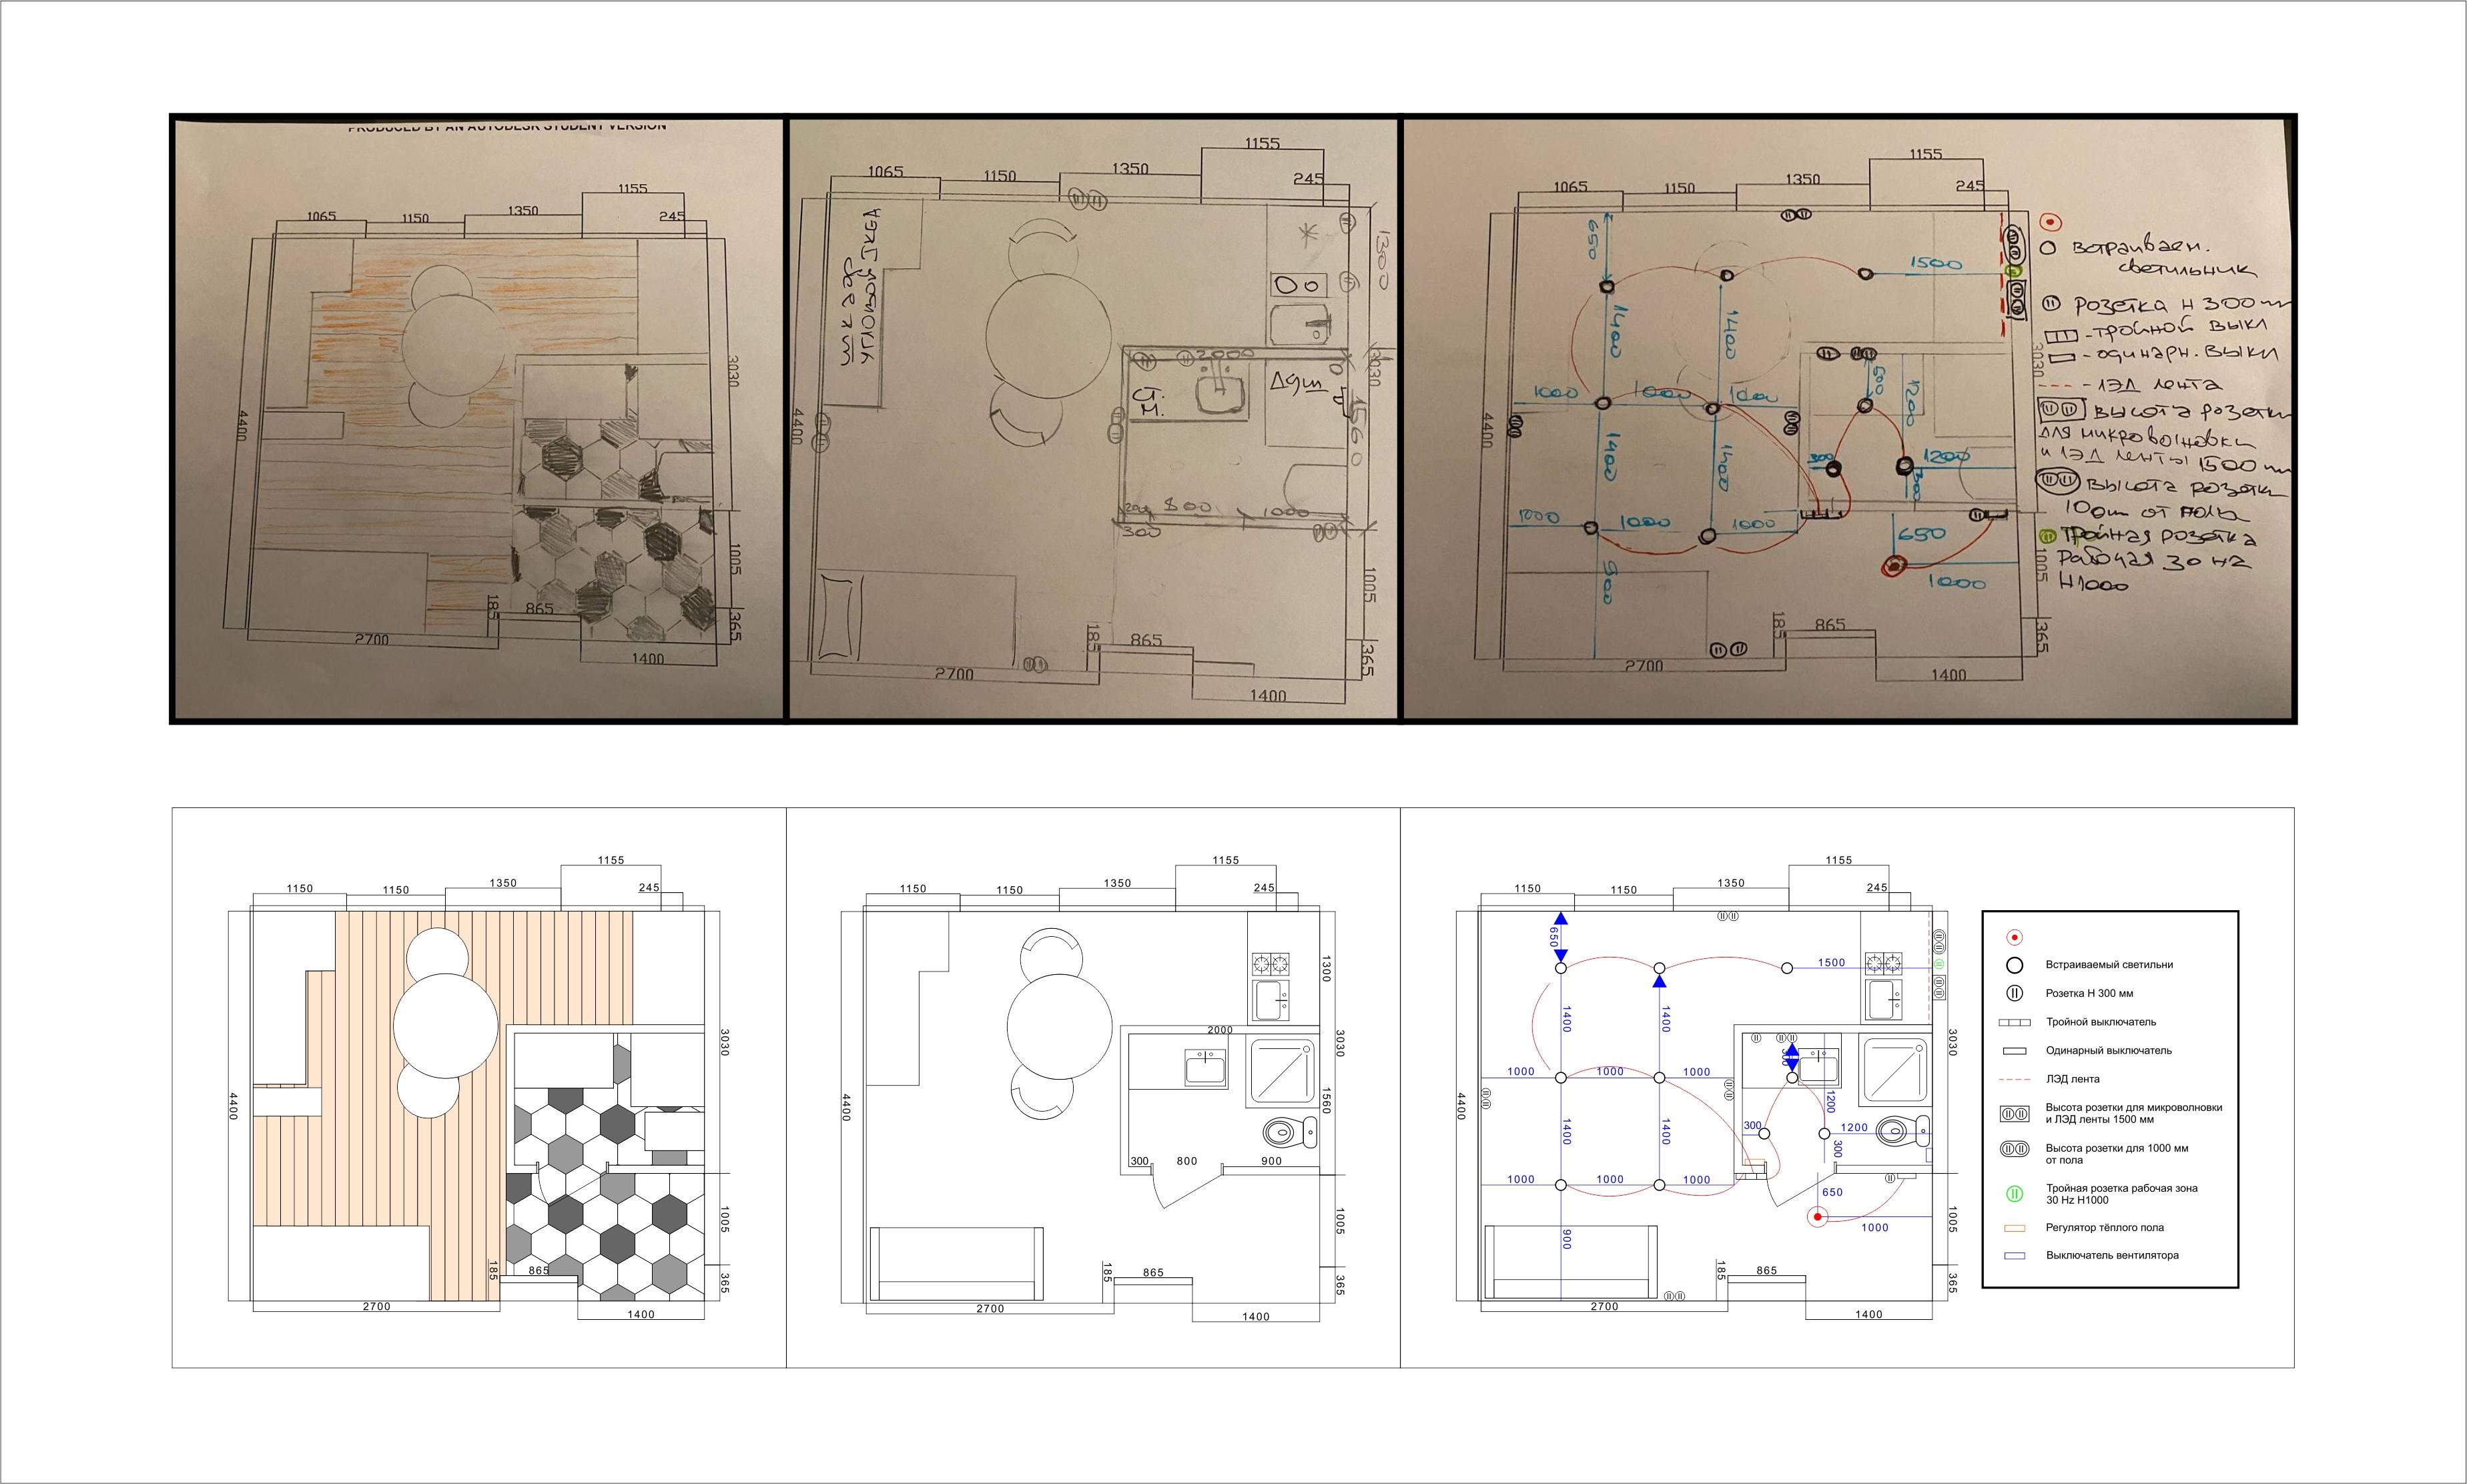 Отрисовка в вектор схемы помещения по фото